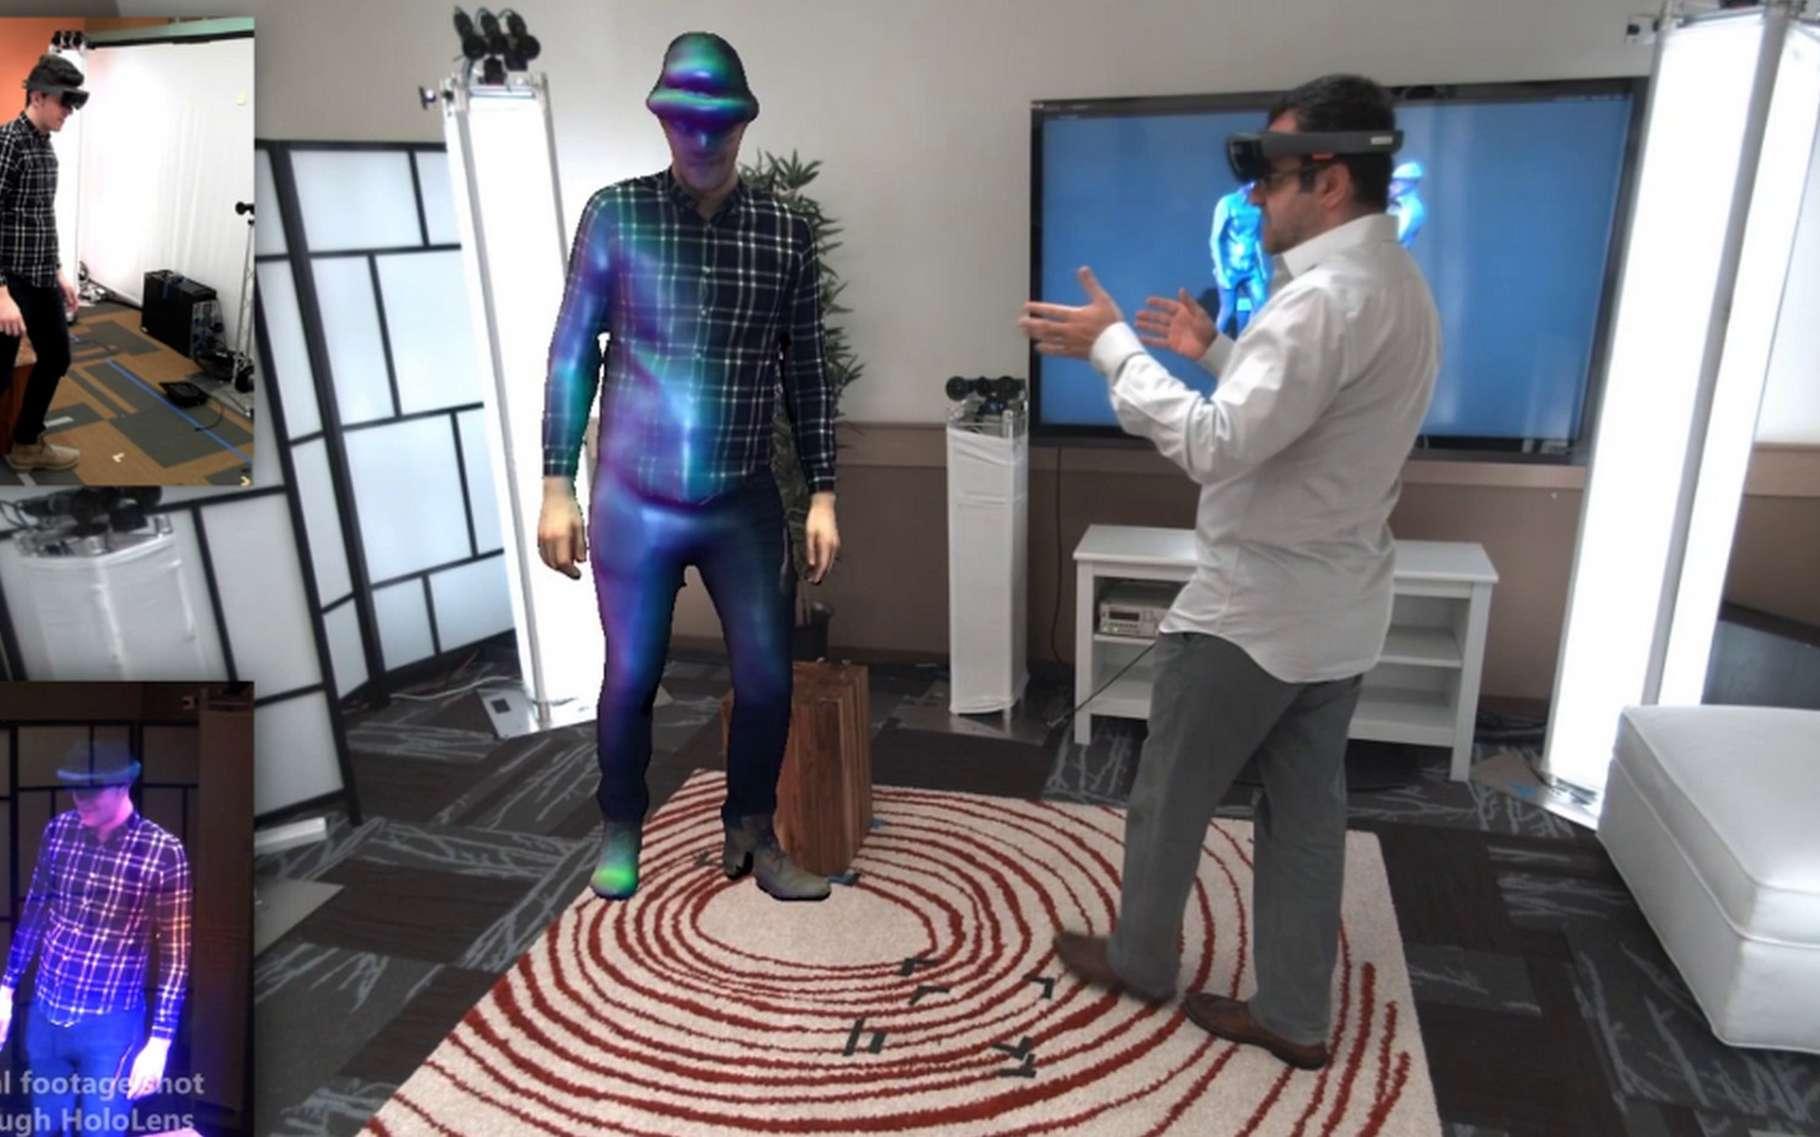 Le dispositif Holoportation développé par Microsoft fonctionne à partir de caméras 3D disséminées dans une pièce et d'un casque HoloLens ou Vive (HTC) pour visualiser l'avatar de la personne avec laquelle on converse. © Microsoft Research